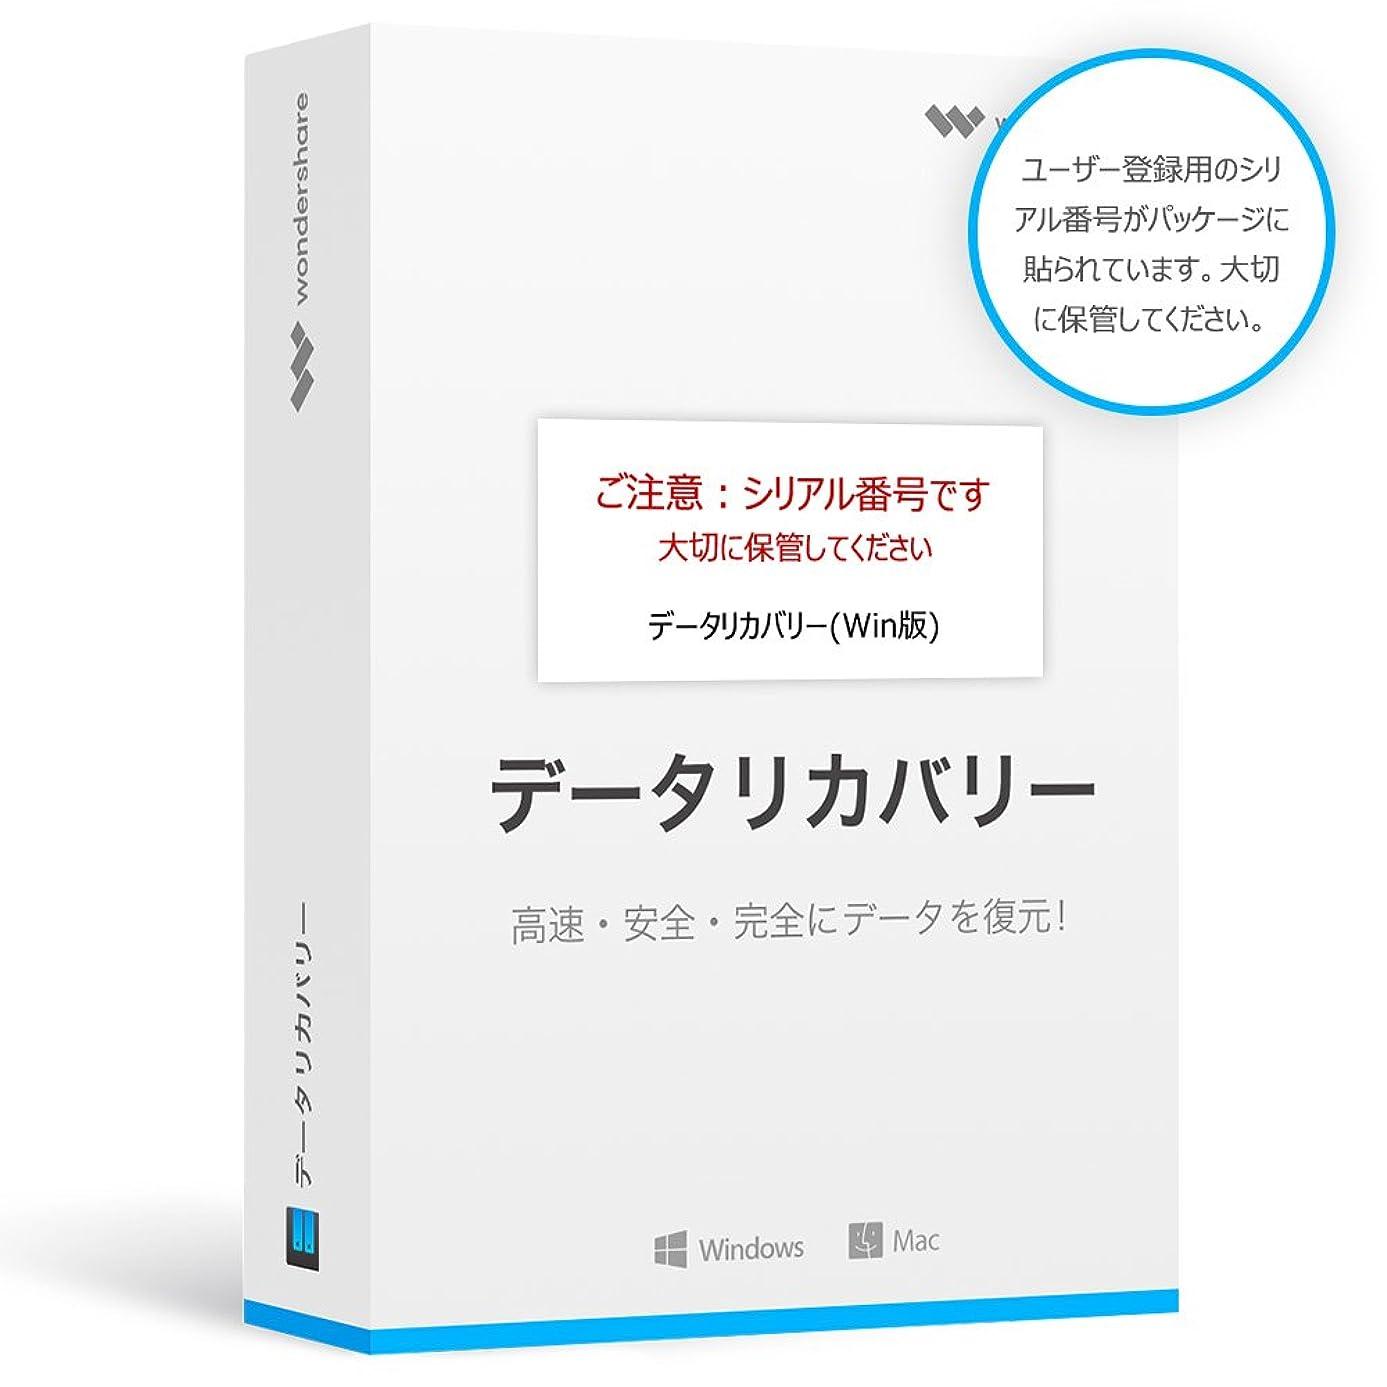 ハンディキャップ光沢のある元のWondershare データリカバリー (Win版)簡単?安心?パワフルなデータ復元ソフト! 永久ライセンス|ワンダーシェアー